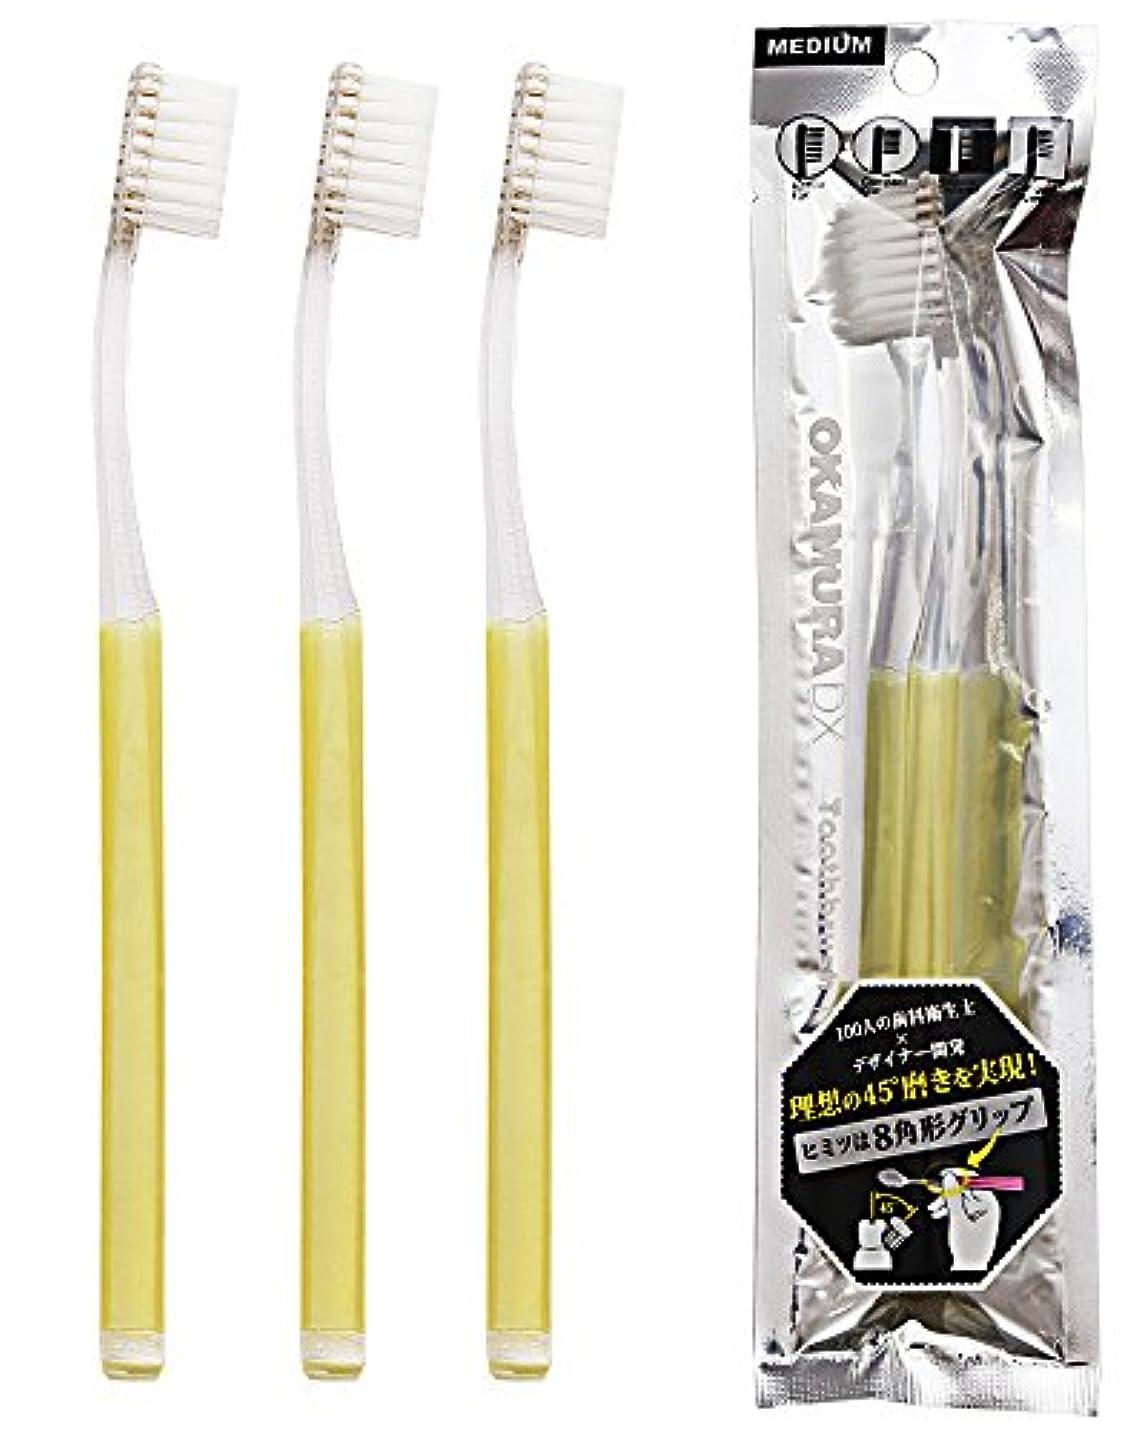 再生里親飲み込むオカムラ(OKAMURA) ラージヘッド 先細 歯ブラシ 3本セット イエロー